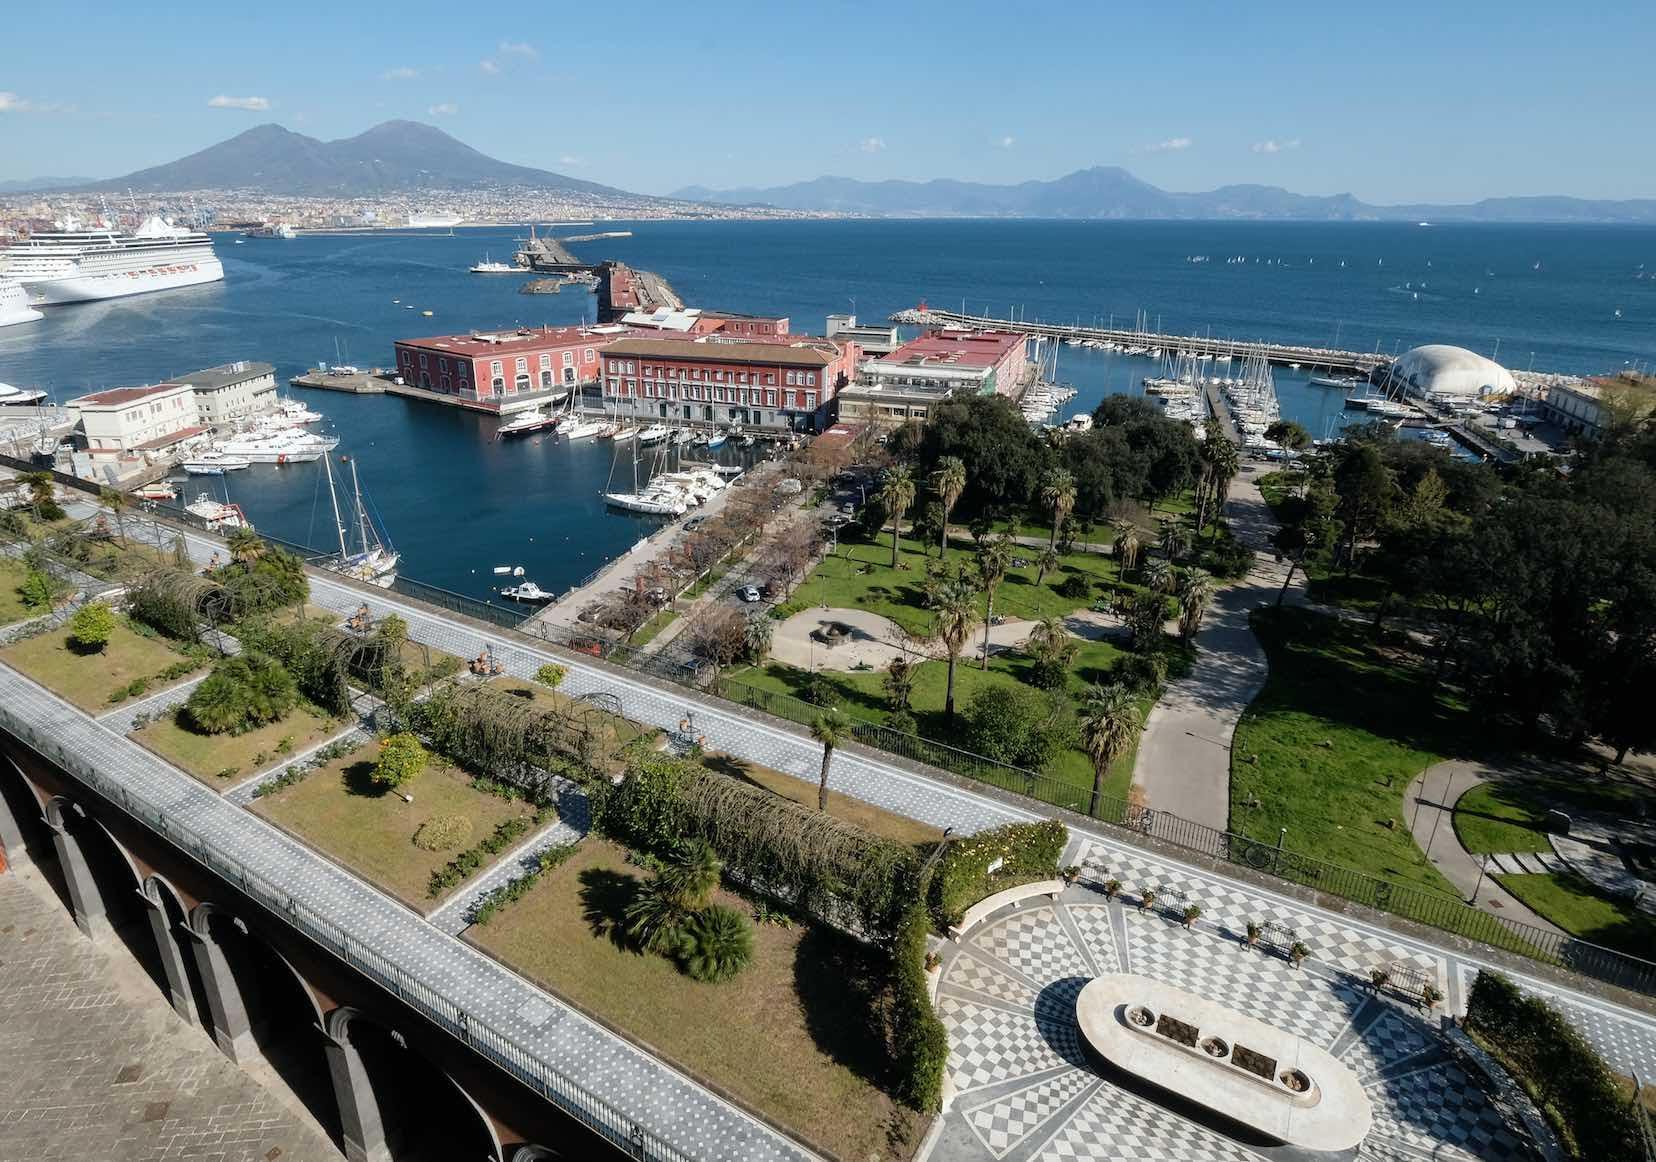 """Palazzo Reale di Napoli, nasce il progetto """"mecenati del verde"""" domenica apre il Giardino pensile"""